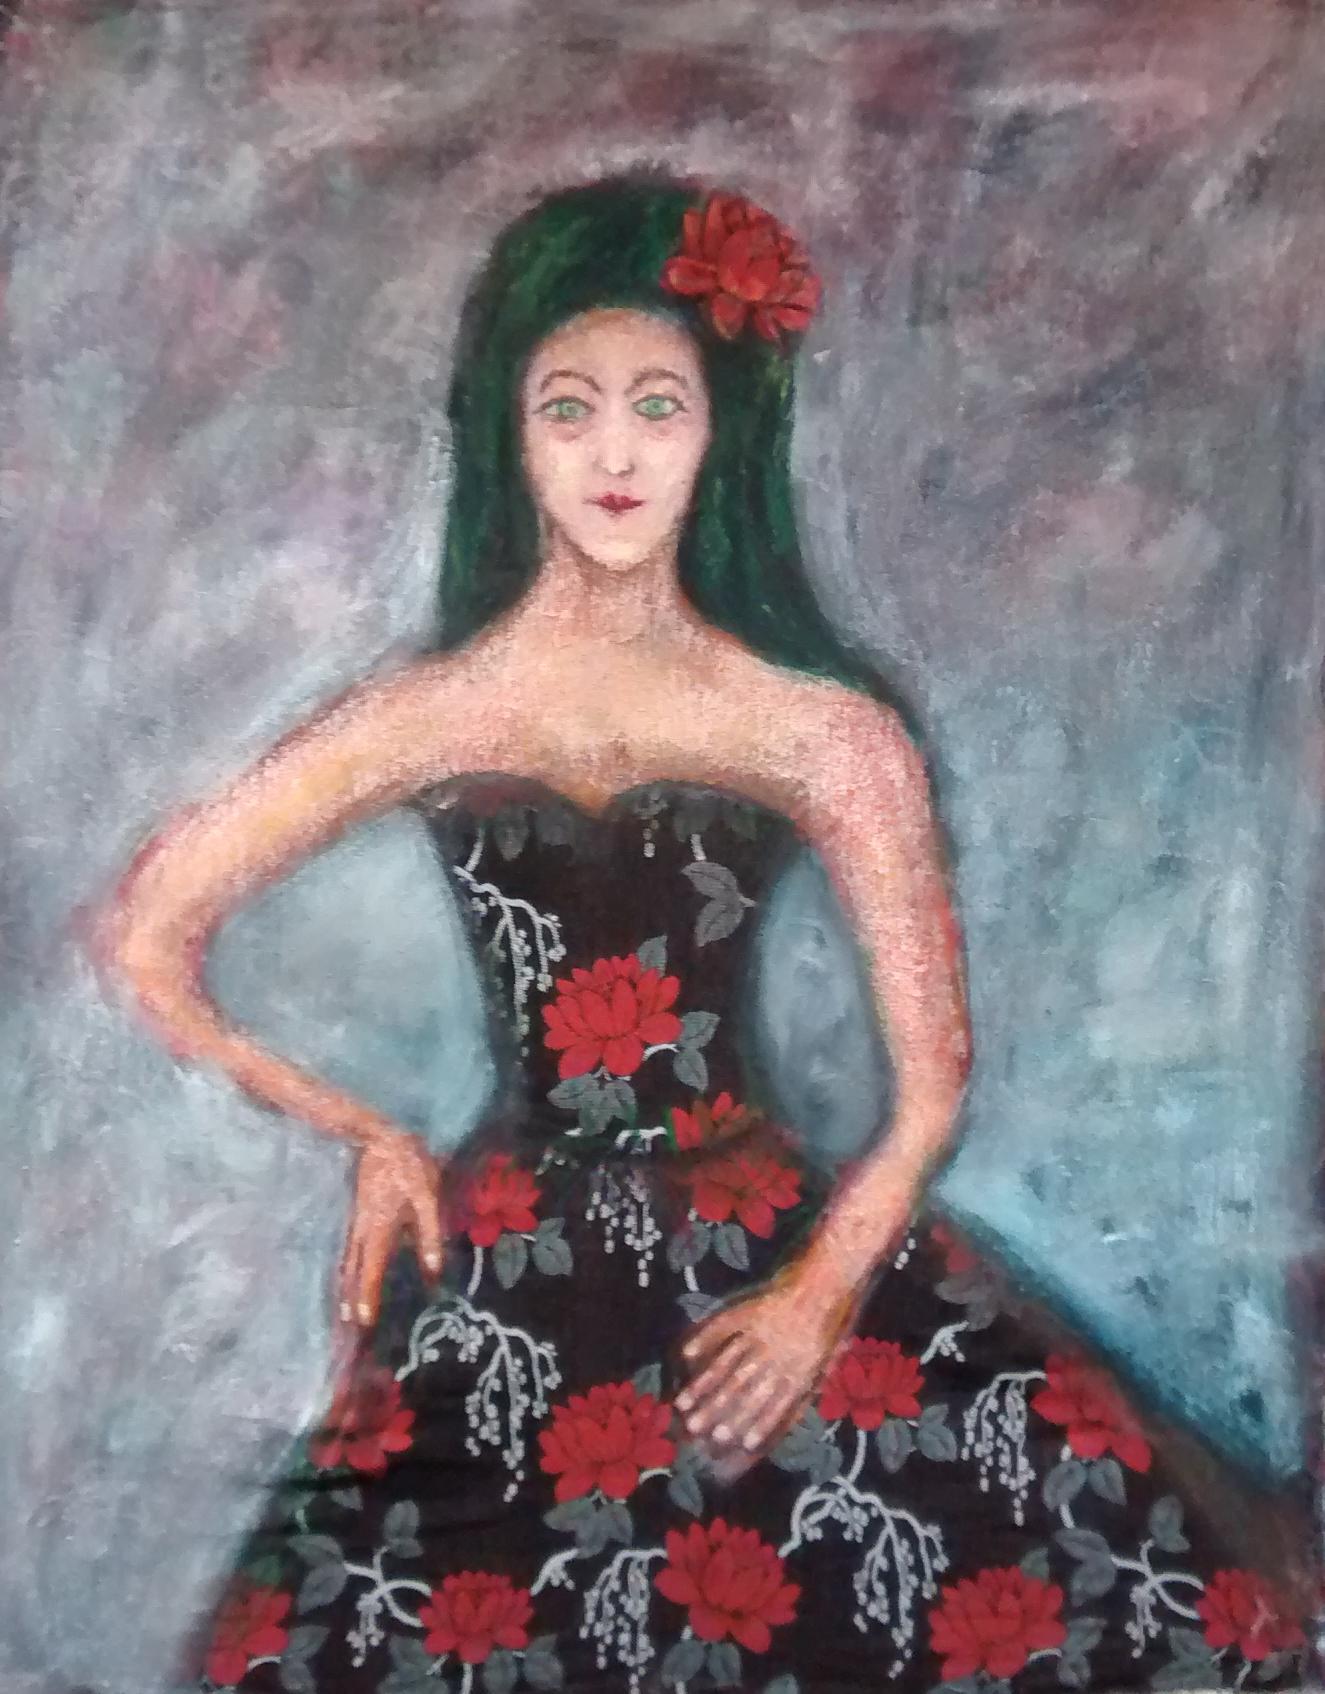 Mujer con vestido de flores